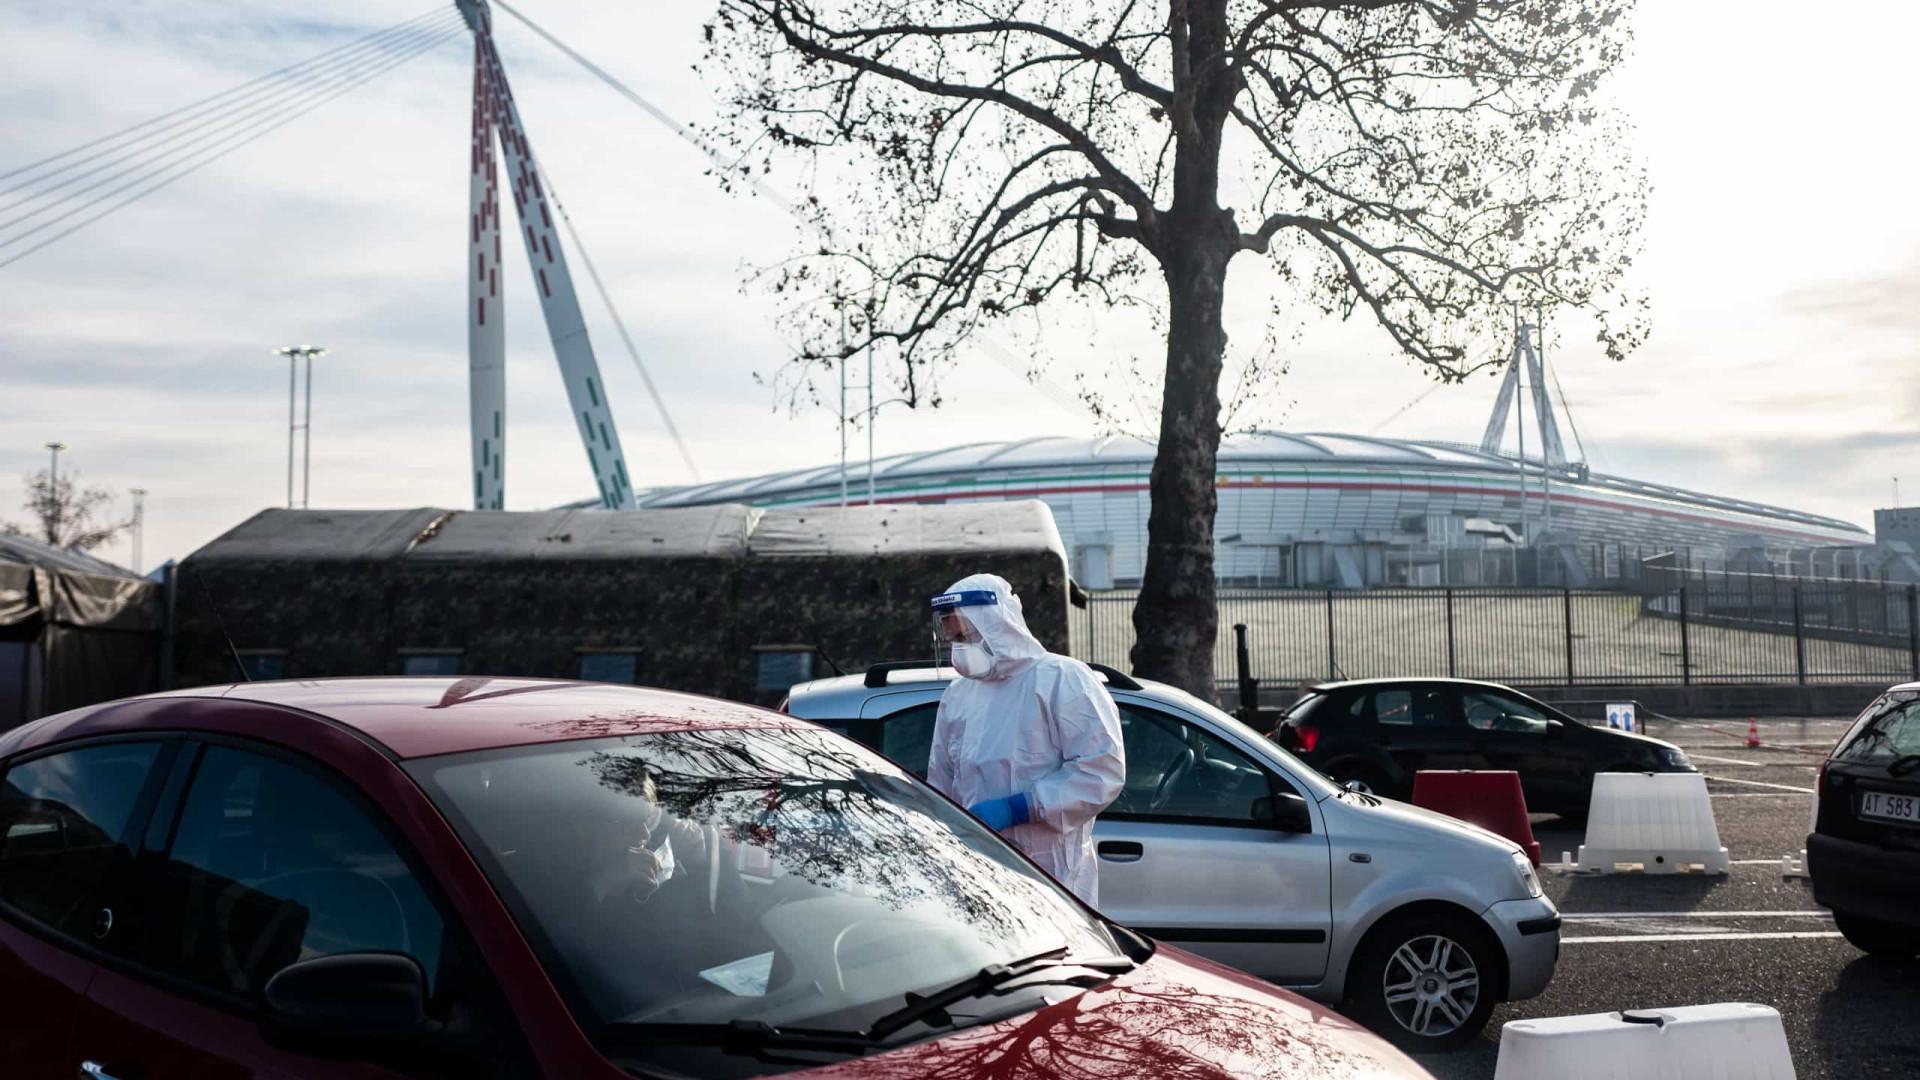 Detectados mais de 14 mil novos casos na Itália. Morreram 616 pessoas